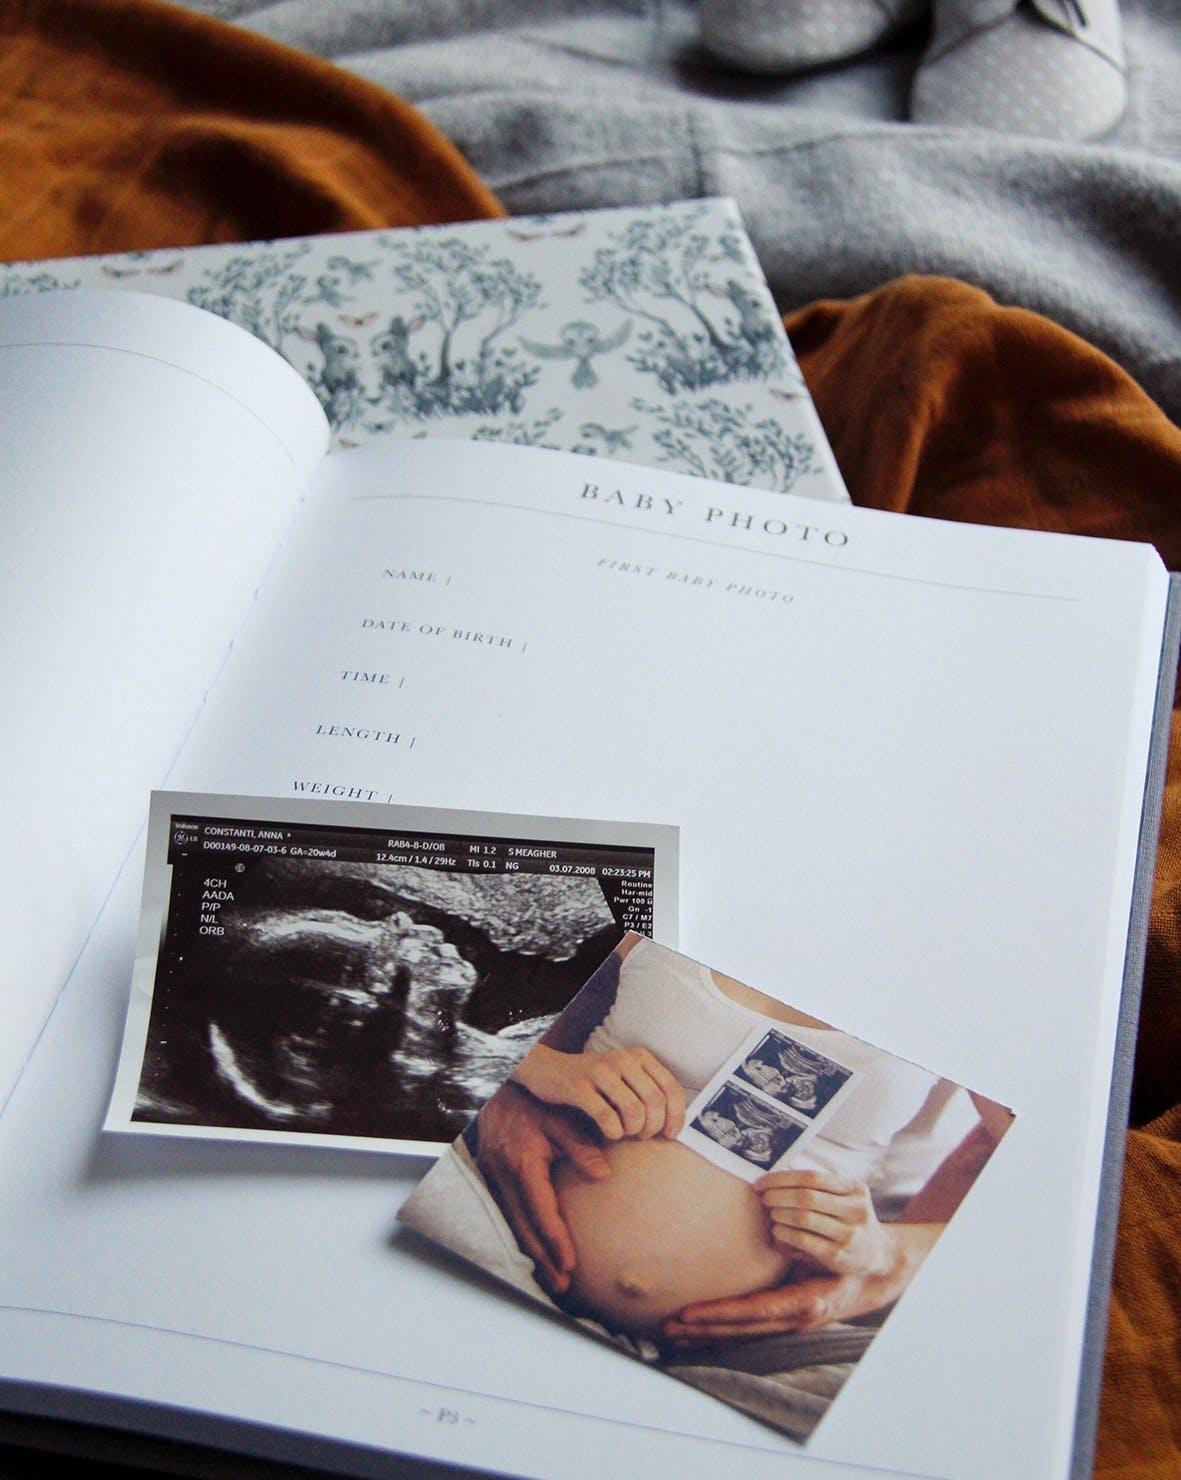 dagbog babybog førstebog